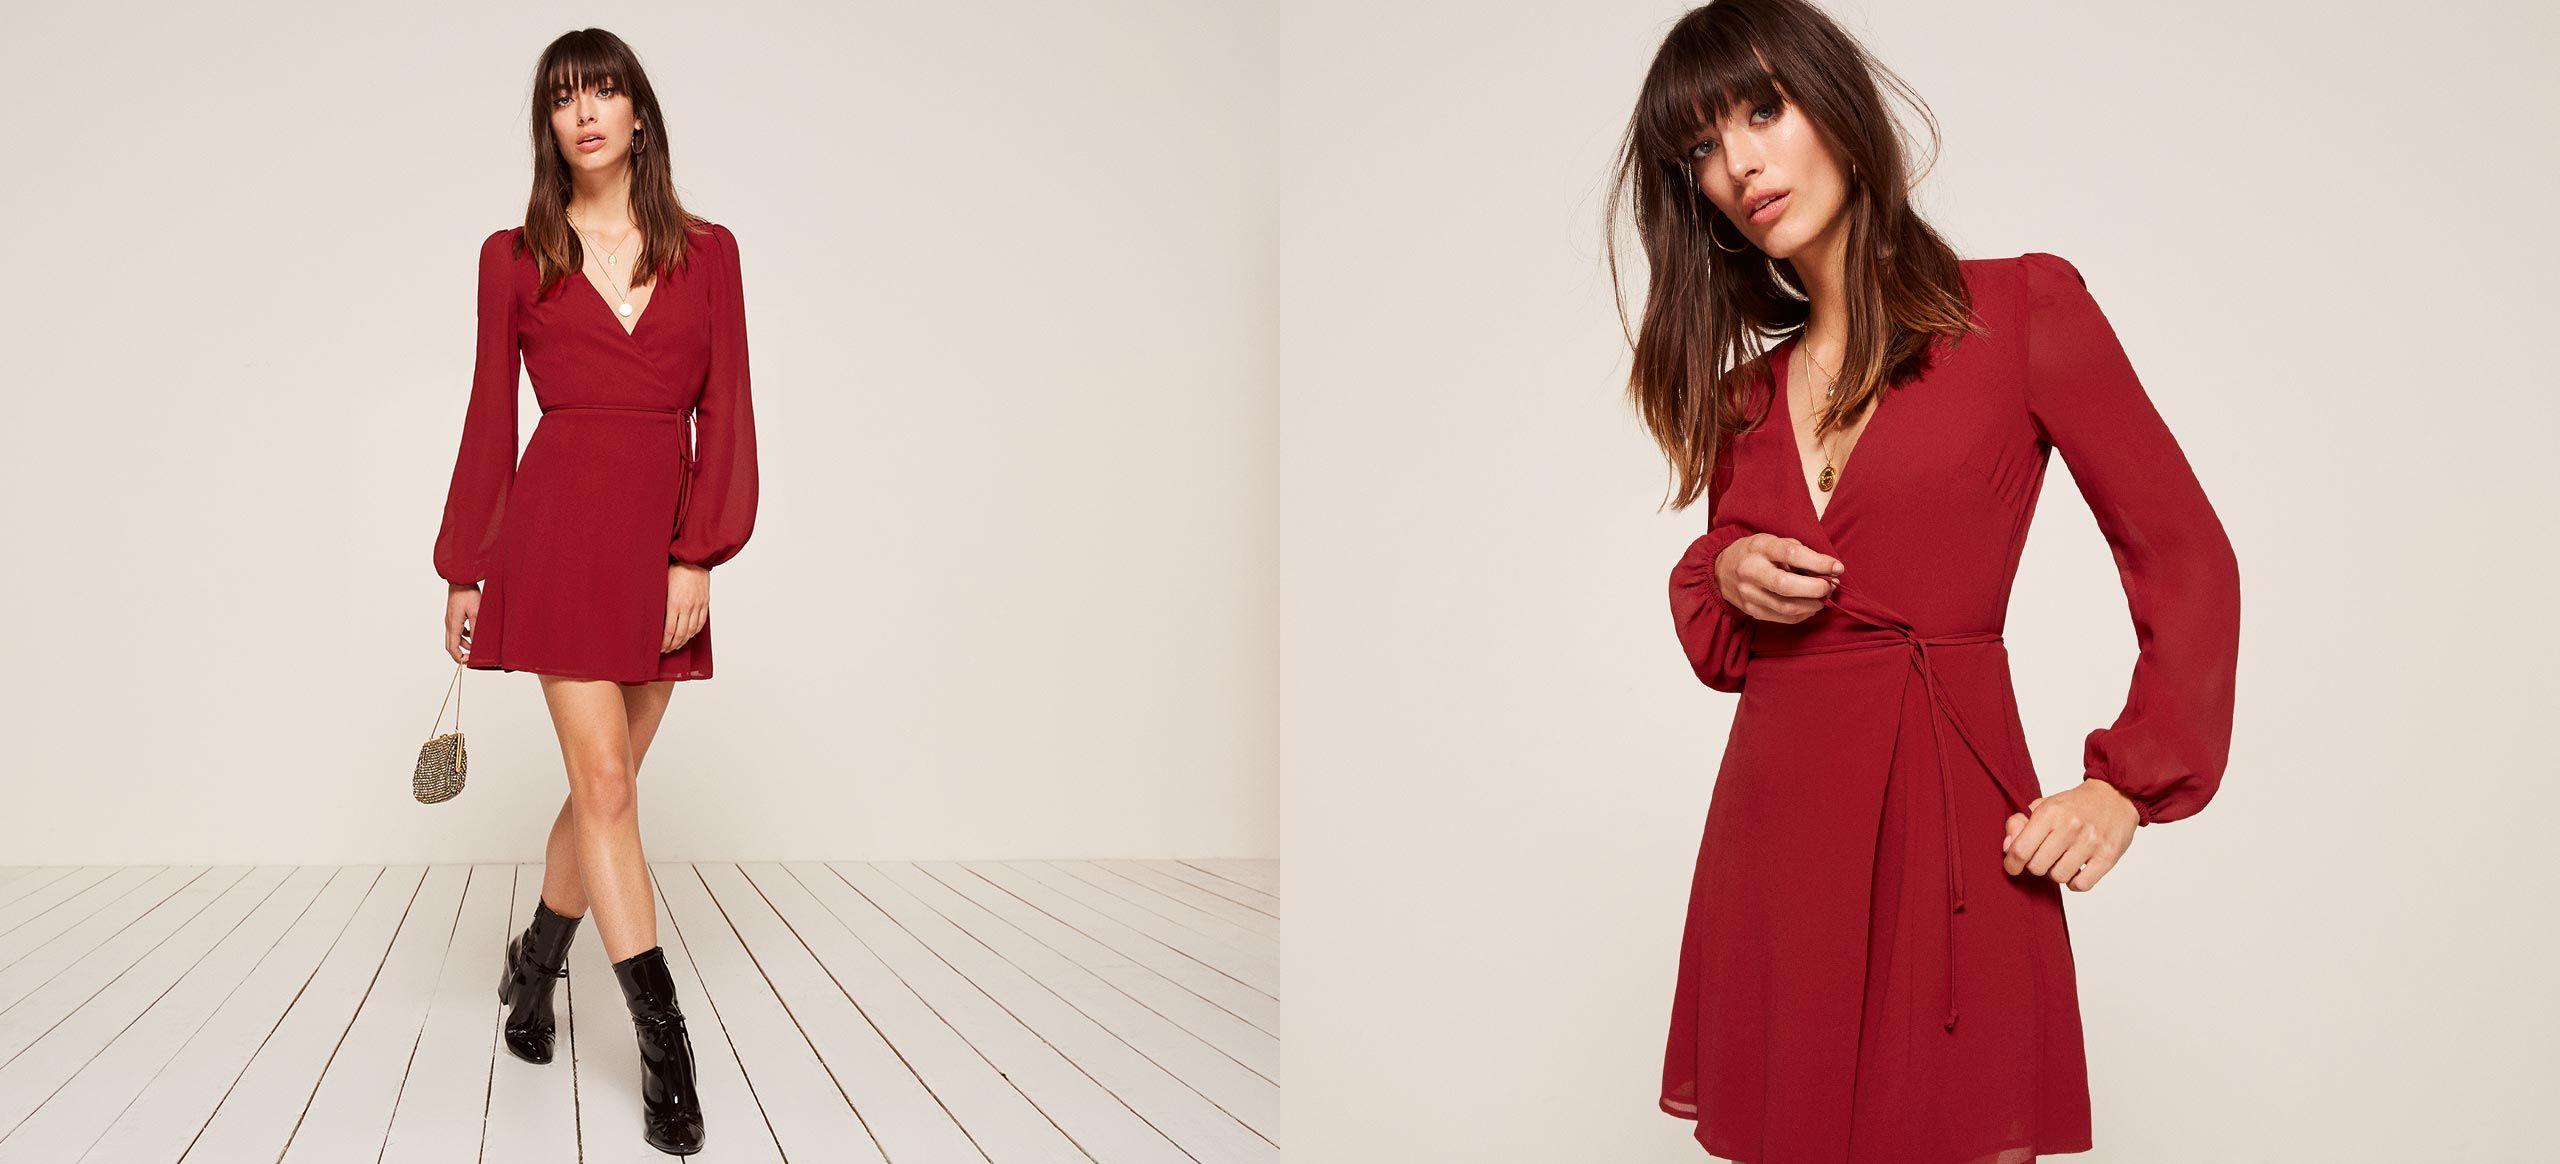 Rosebud dress wrap dresses neckline and legs